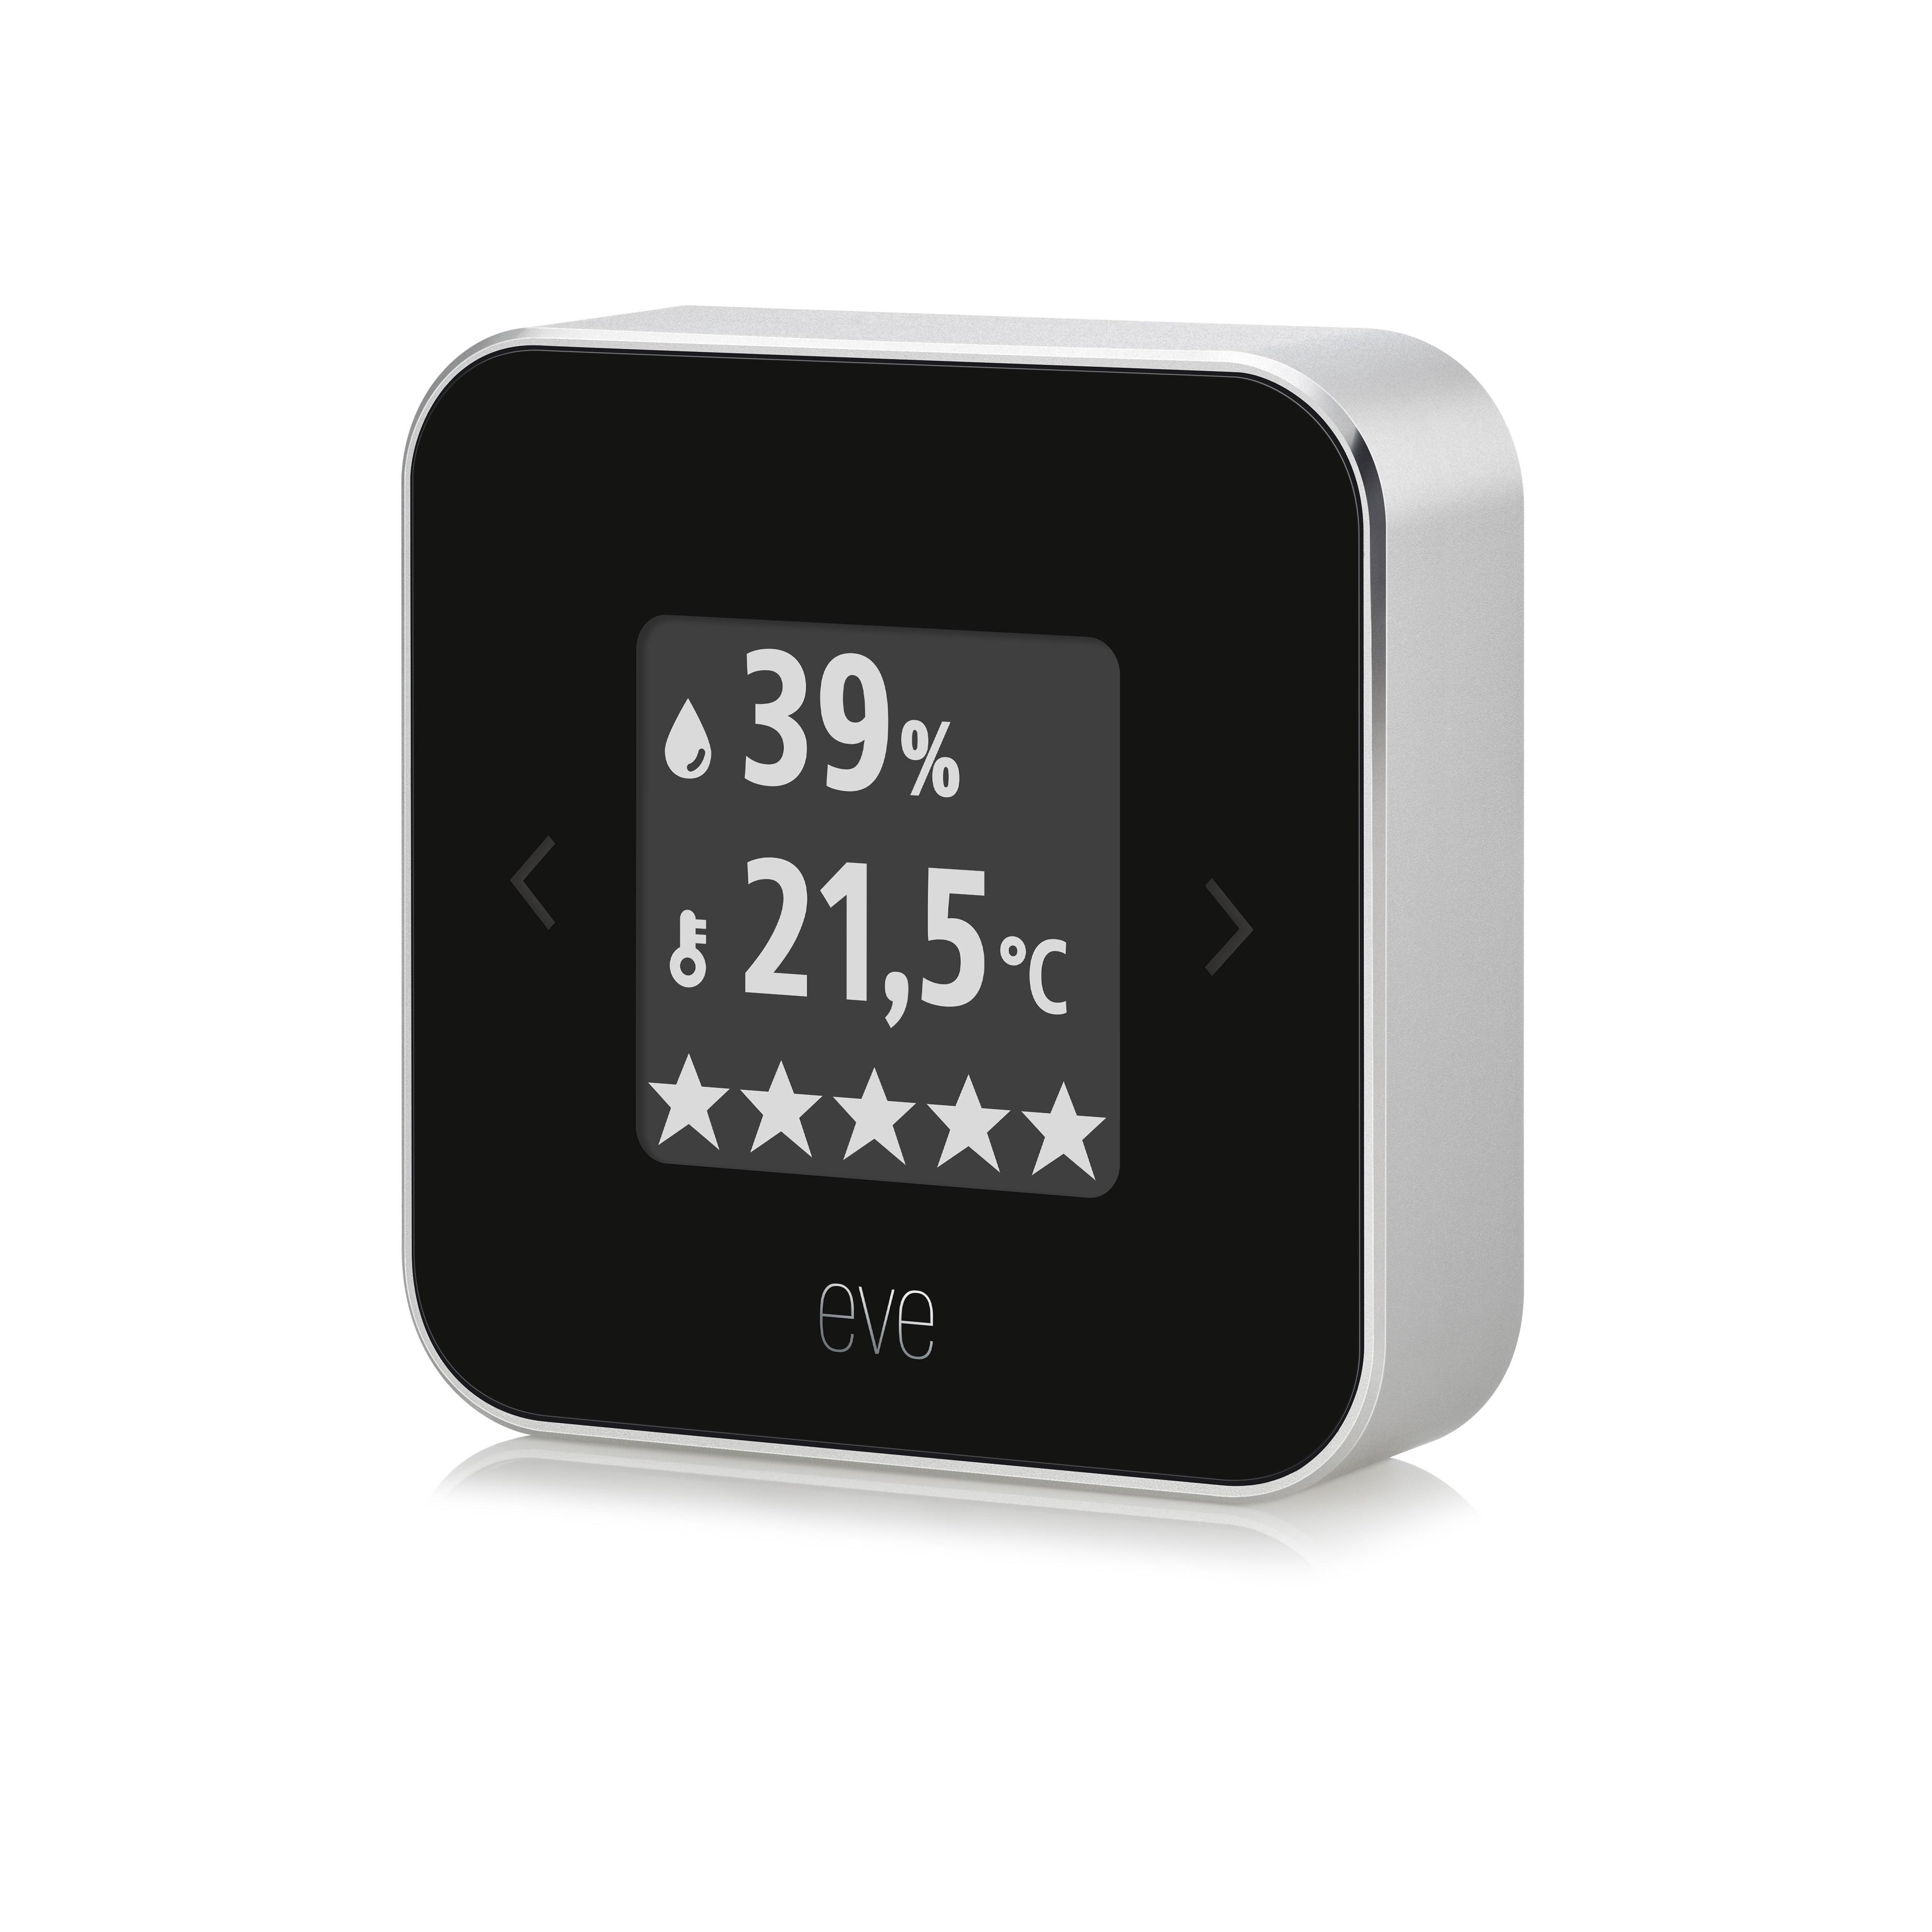 eve room: Überwachung von Temperatur und Luftfeuchtigkeit - mac&egg